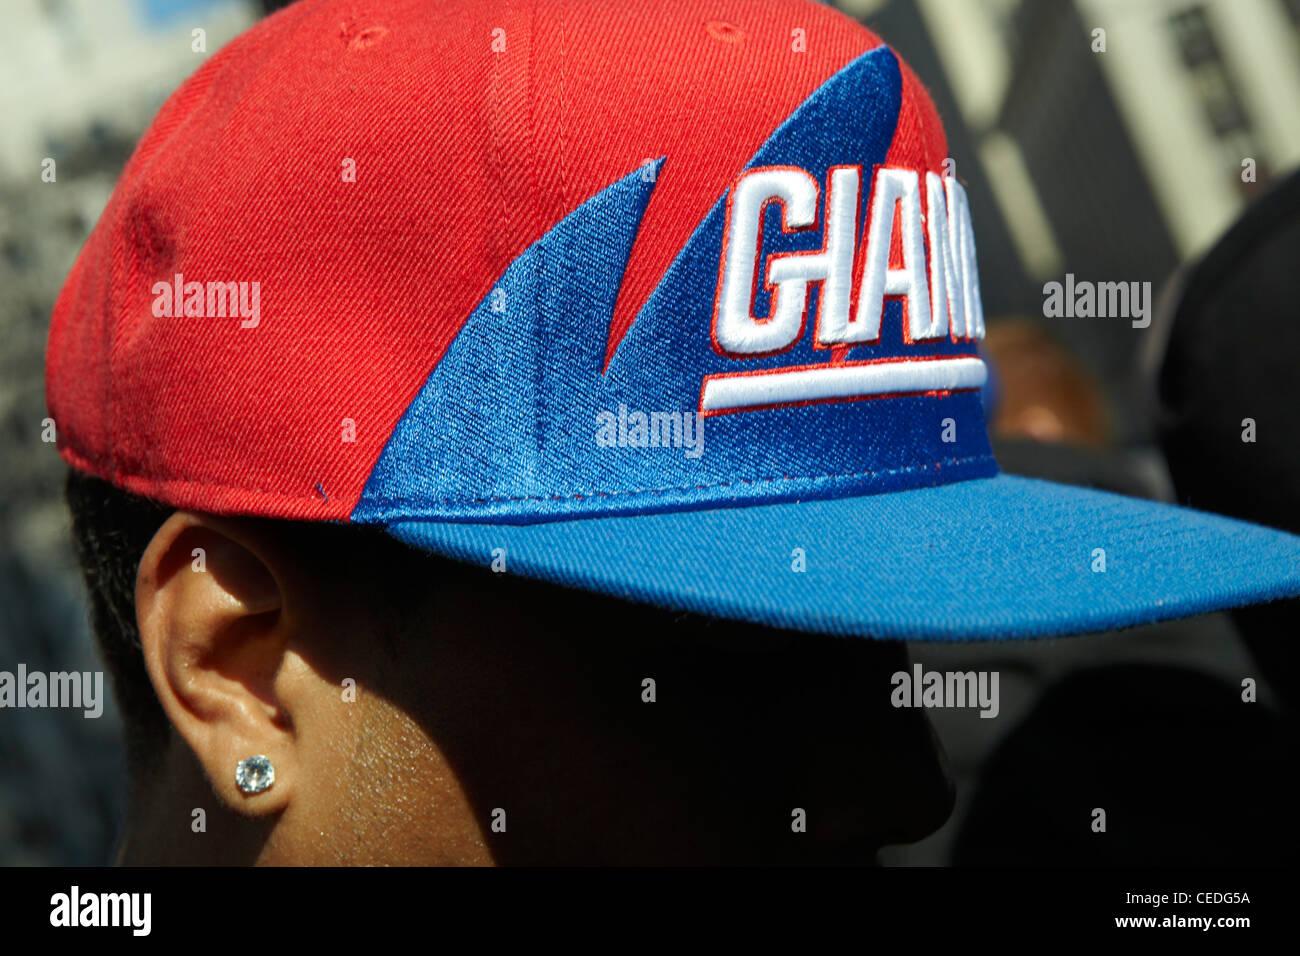 New York Giants cap, ticker tape parade, NY - Stock Image